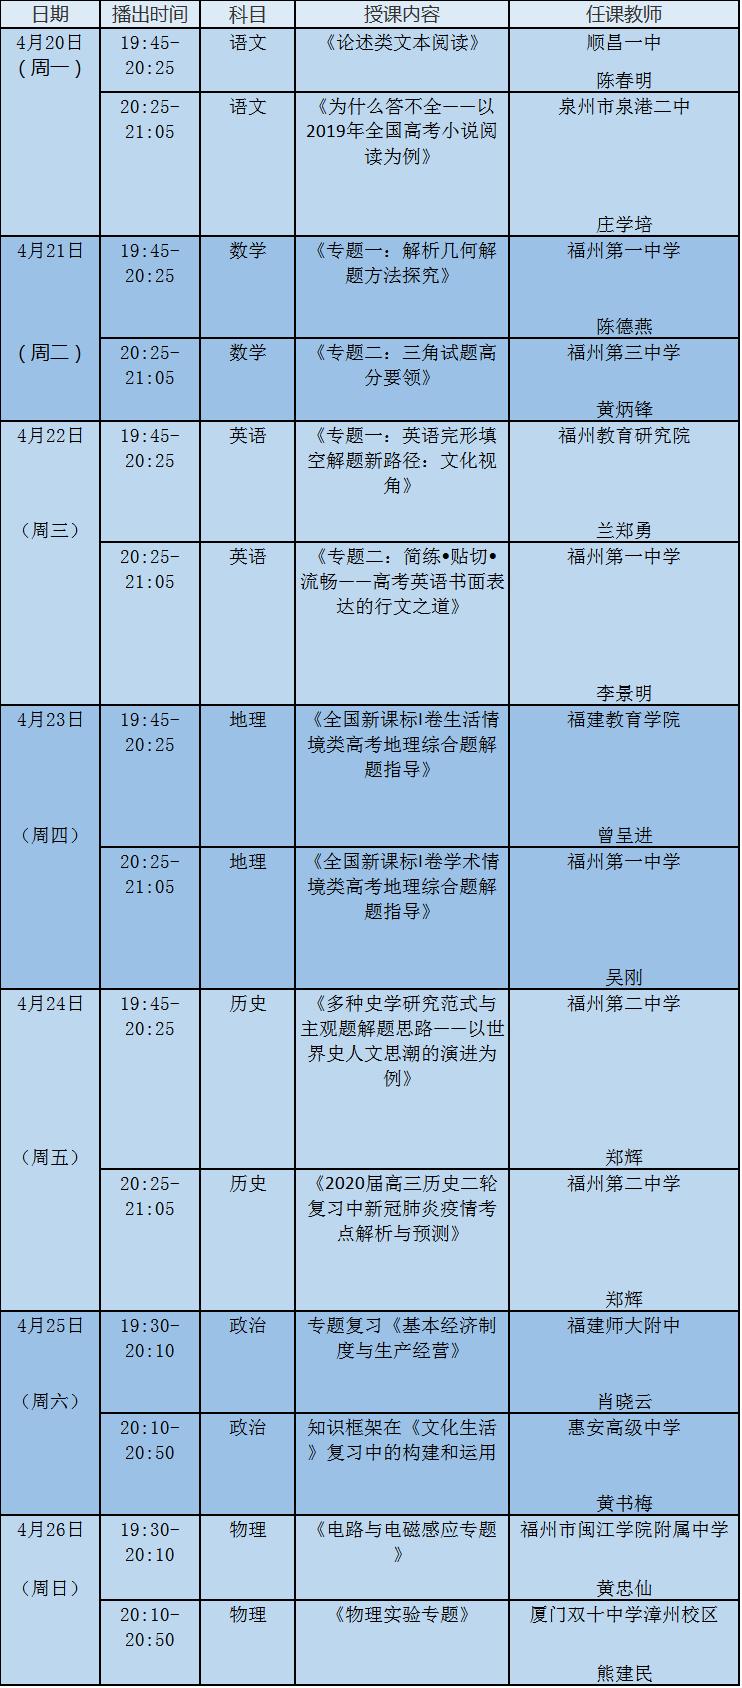 福建空中课堂课程表(持续更新)